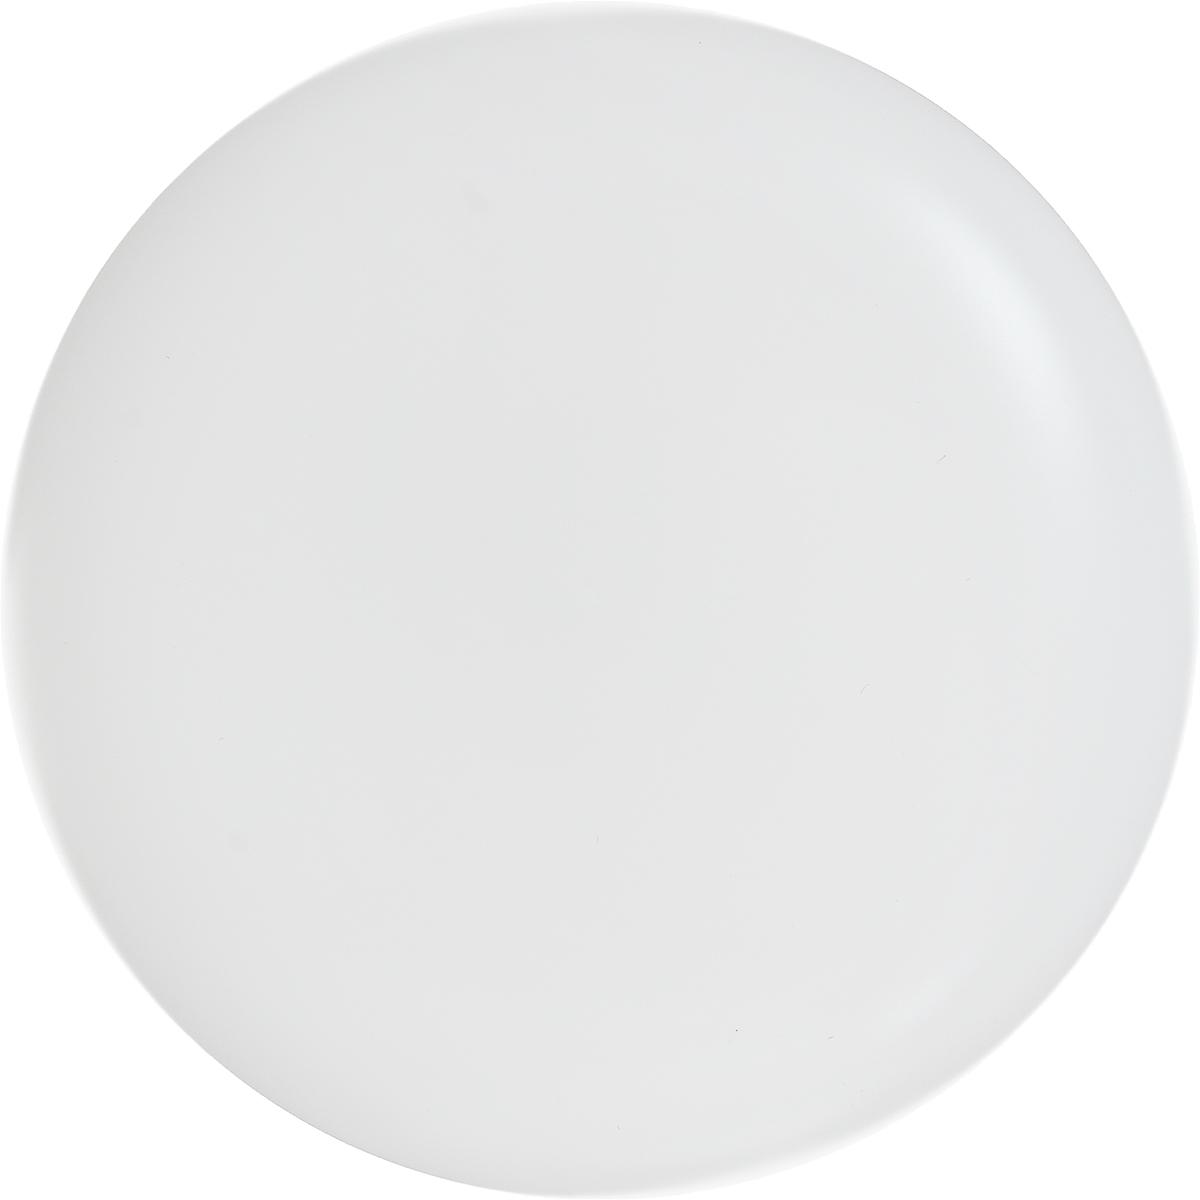 Светильник настенно-потолочный Navigator NBL-R2-IP54, энергосберегающий, свет: холодный белый